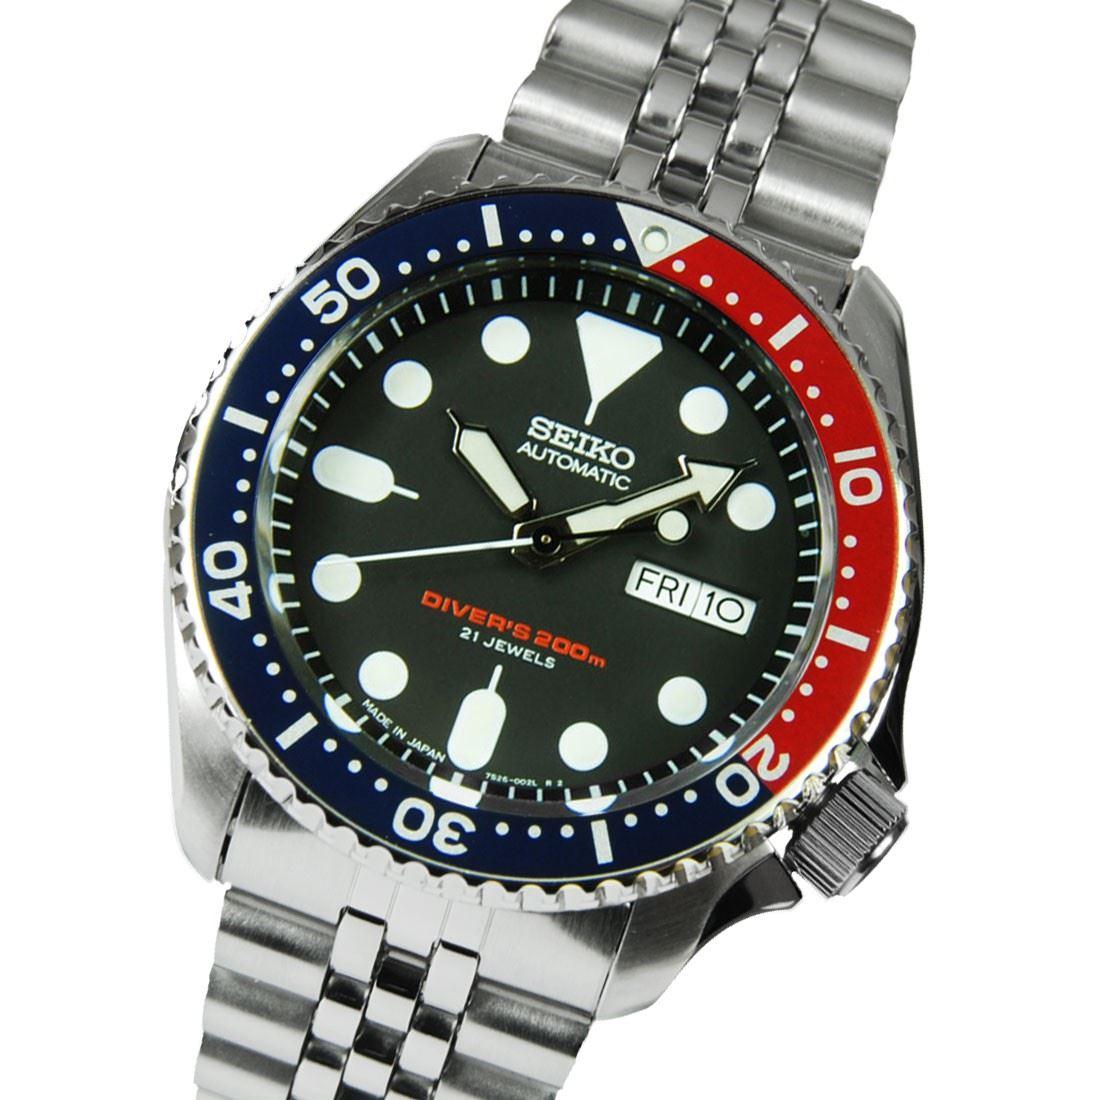 TOP-SELLING-Seiko-SKX009-SKX009J1-SKX009J2-SKX009K1-SKX009K2-Pepsi-Dive-Watch thumbnail 14